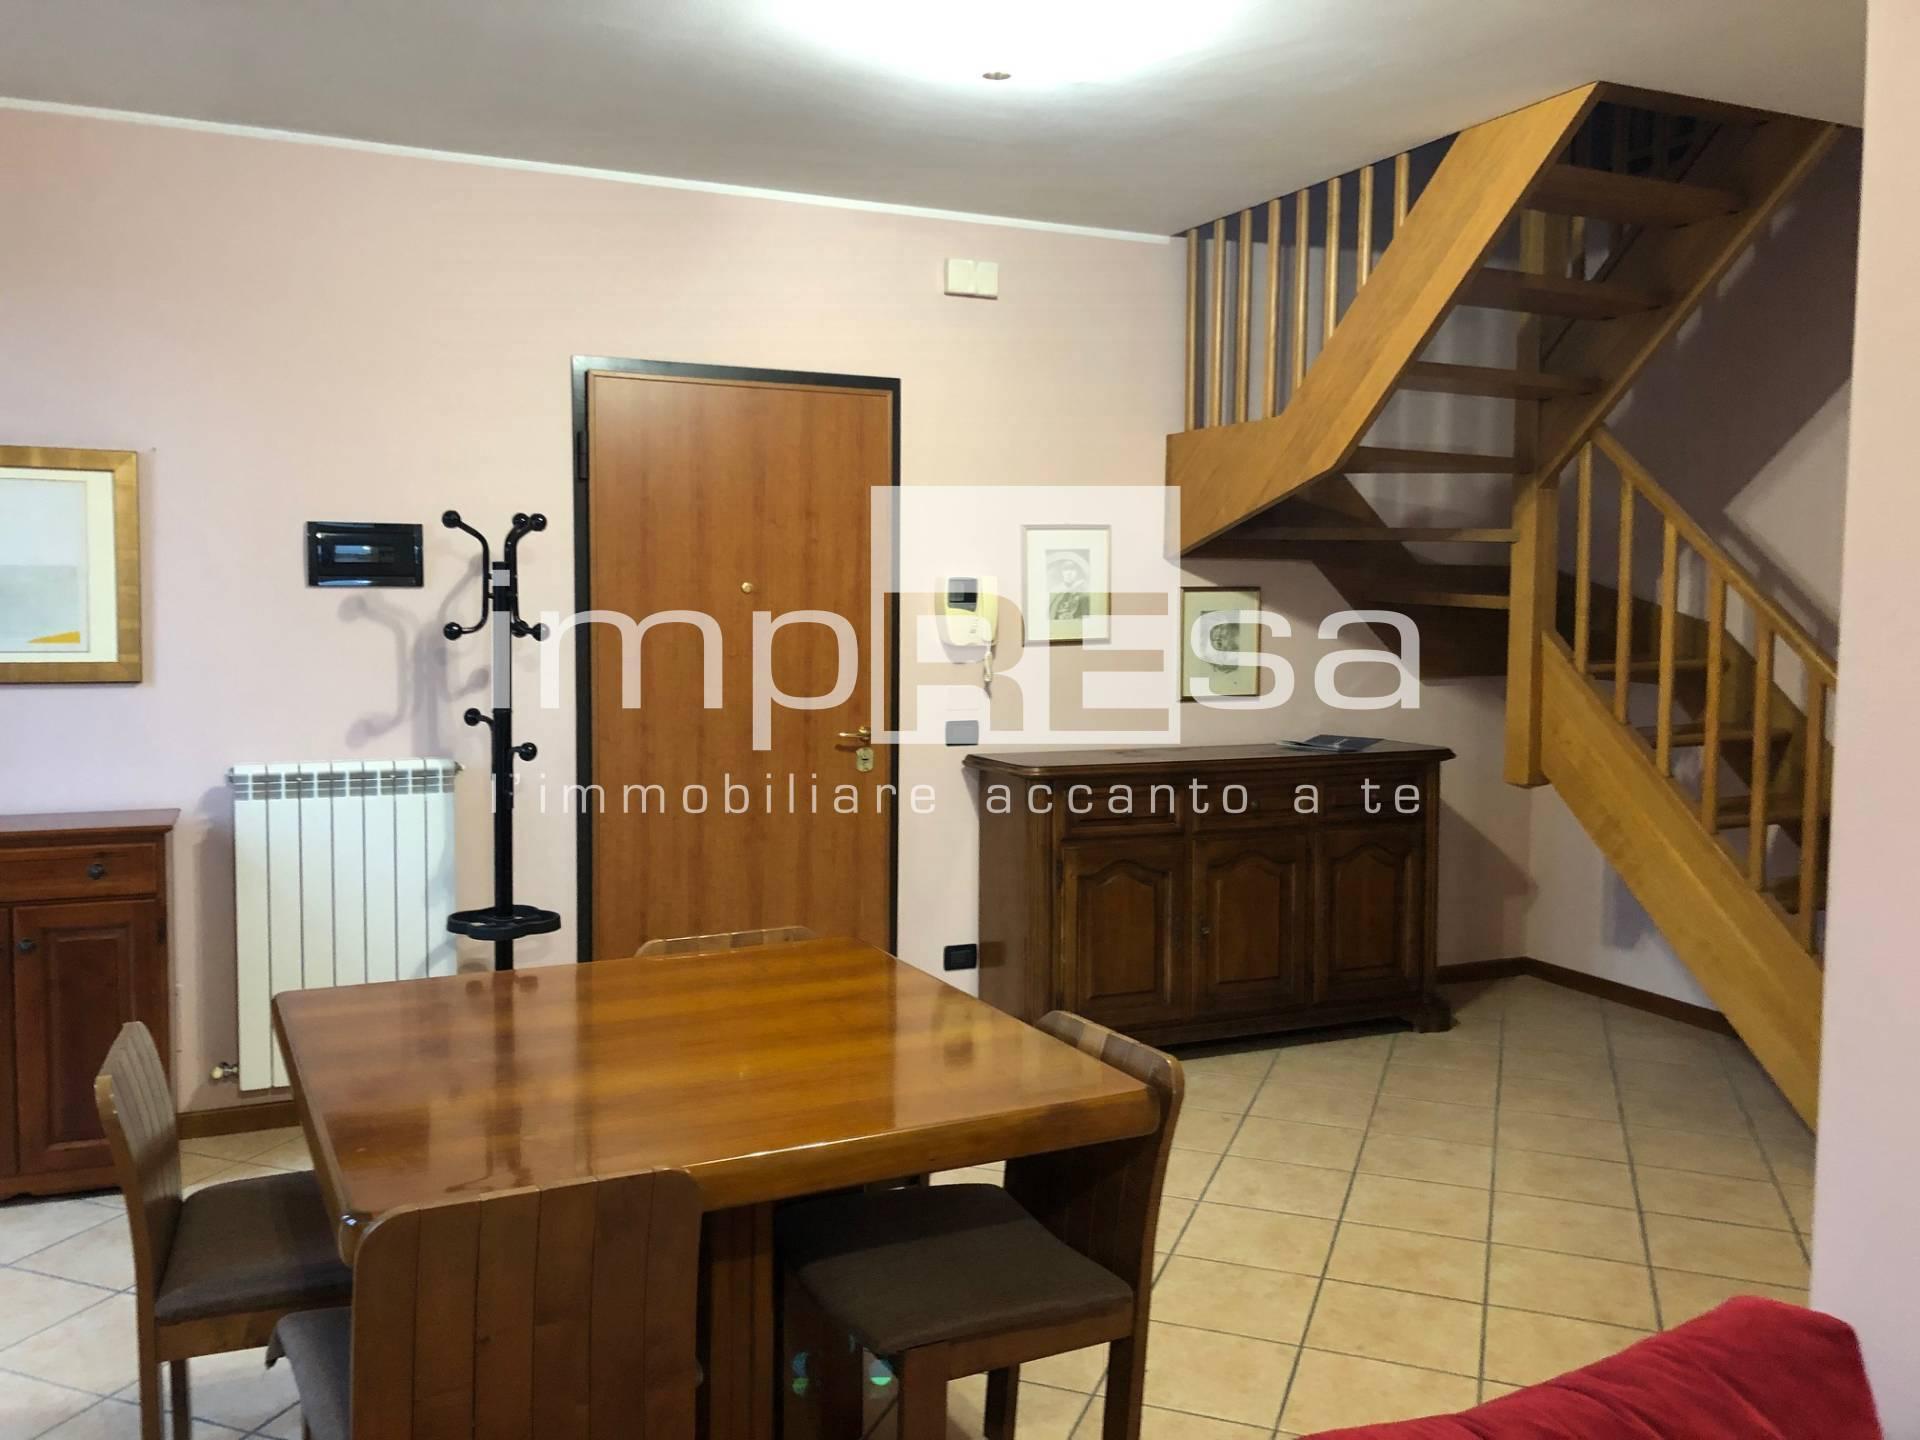 Appartamento in vendita a Marcon, 5 locali, prezzo € 175.000 | CambioCasa.it